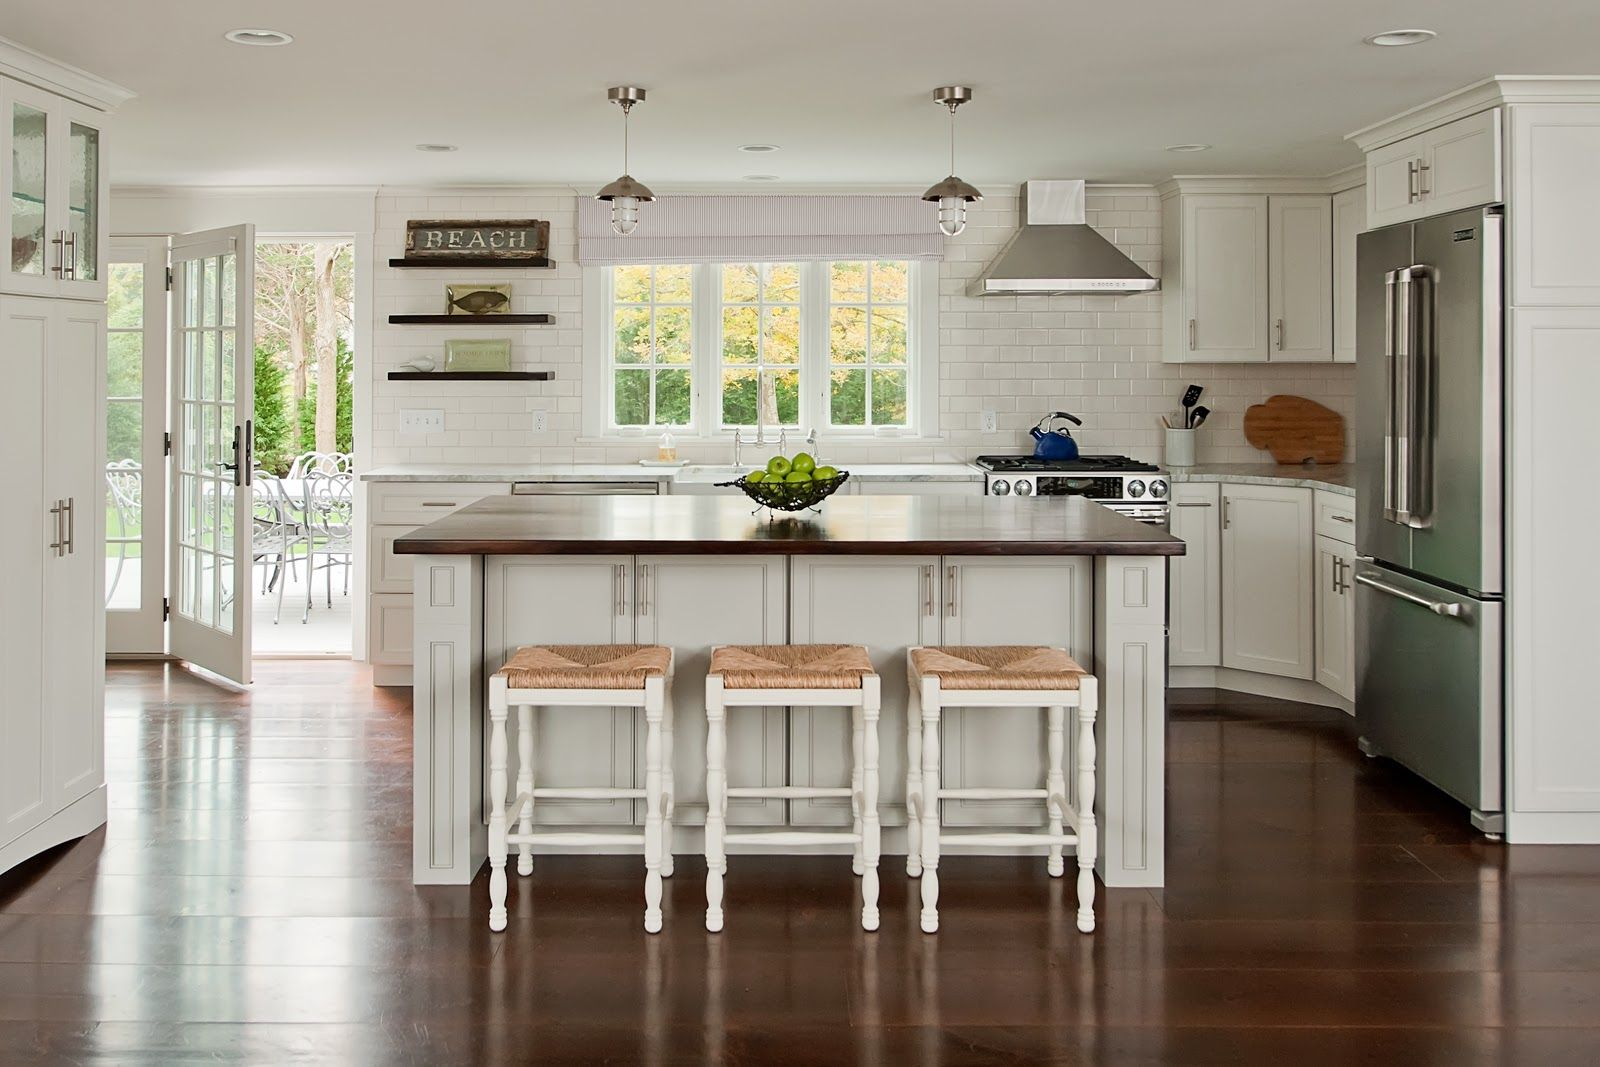 Cape Cod Kitchen Design.Modern Beach Cottage Kitchen Design With Natural Wood Plank